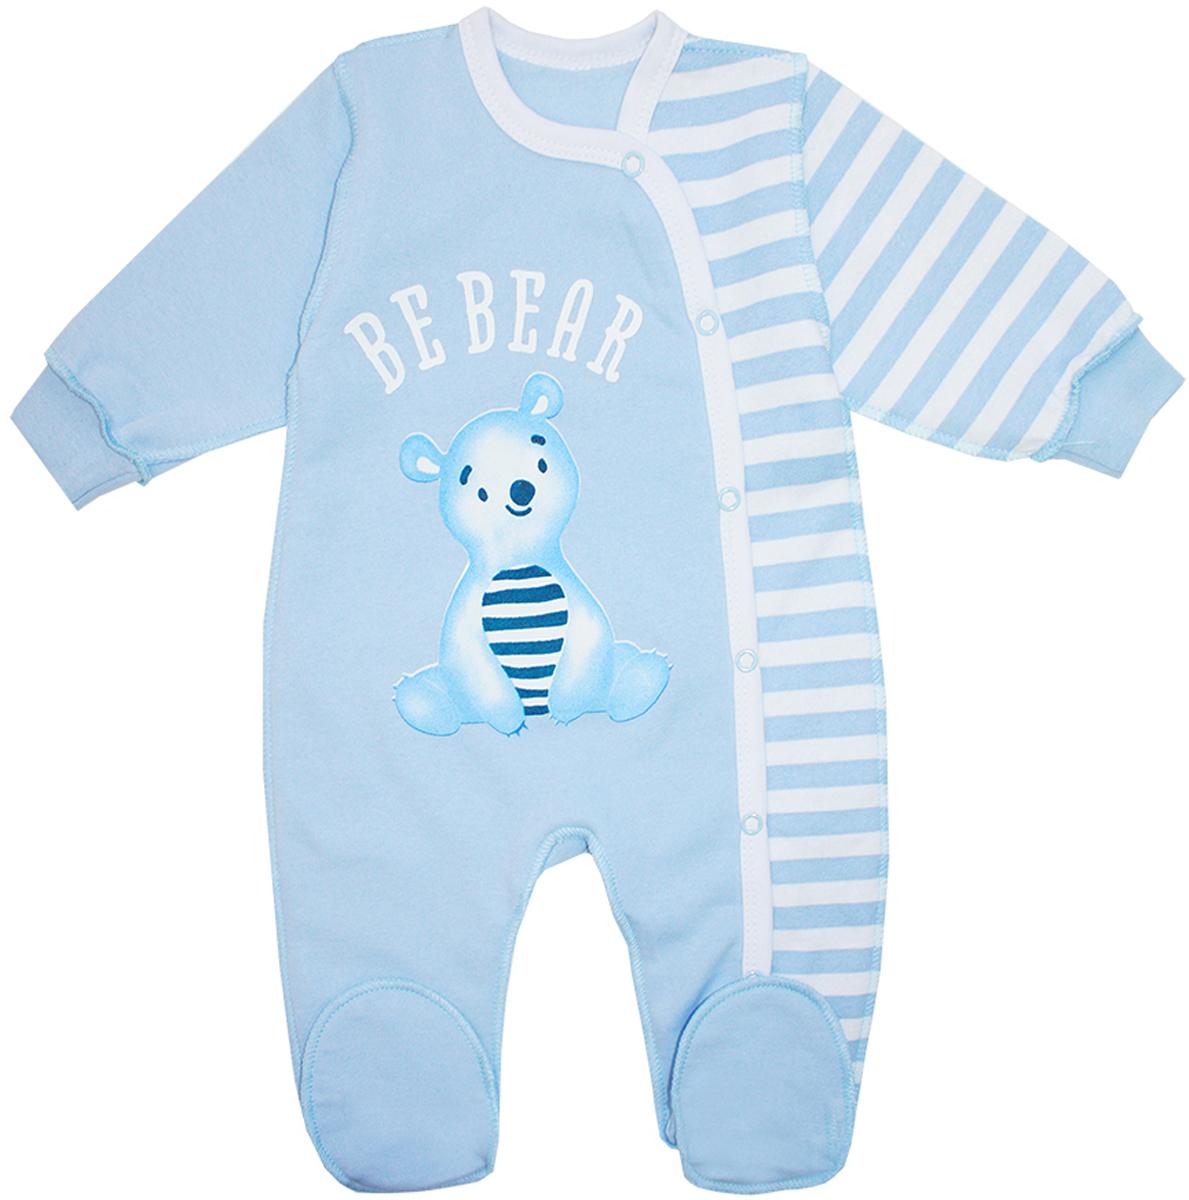 Комбинезон для мальчика КотМарКот Be Bear, цвет: голубой, белый. 6372. Размер 56, 1 месяц6372Комбинезон для мальчика КотМарКот Be Bear выполнен из натурального хлопка. Комбинезон с круглым вырезом горловины, длинными рукавами и закрытыми ножками имеет застежки-кнопки спереди от горловины до низа брючины, которые помогают легко переодеть младенца или сменить подгузник. Рукава дополнены эластичными манжетами. Изделие оформлено принтом с изображением мишки.